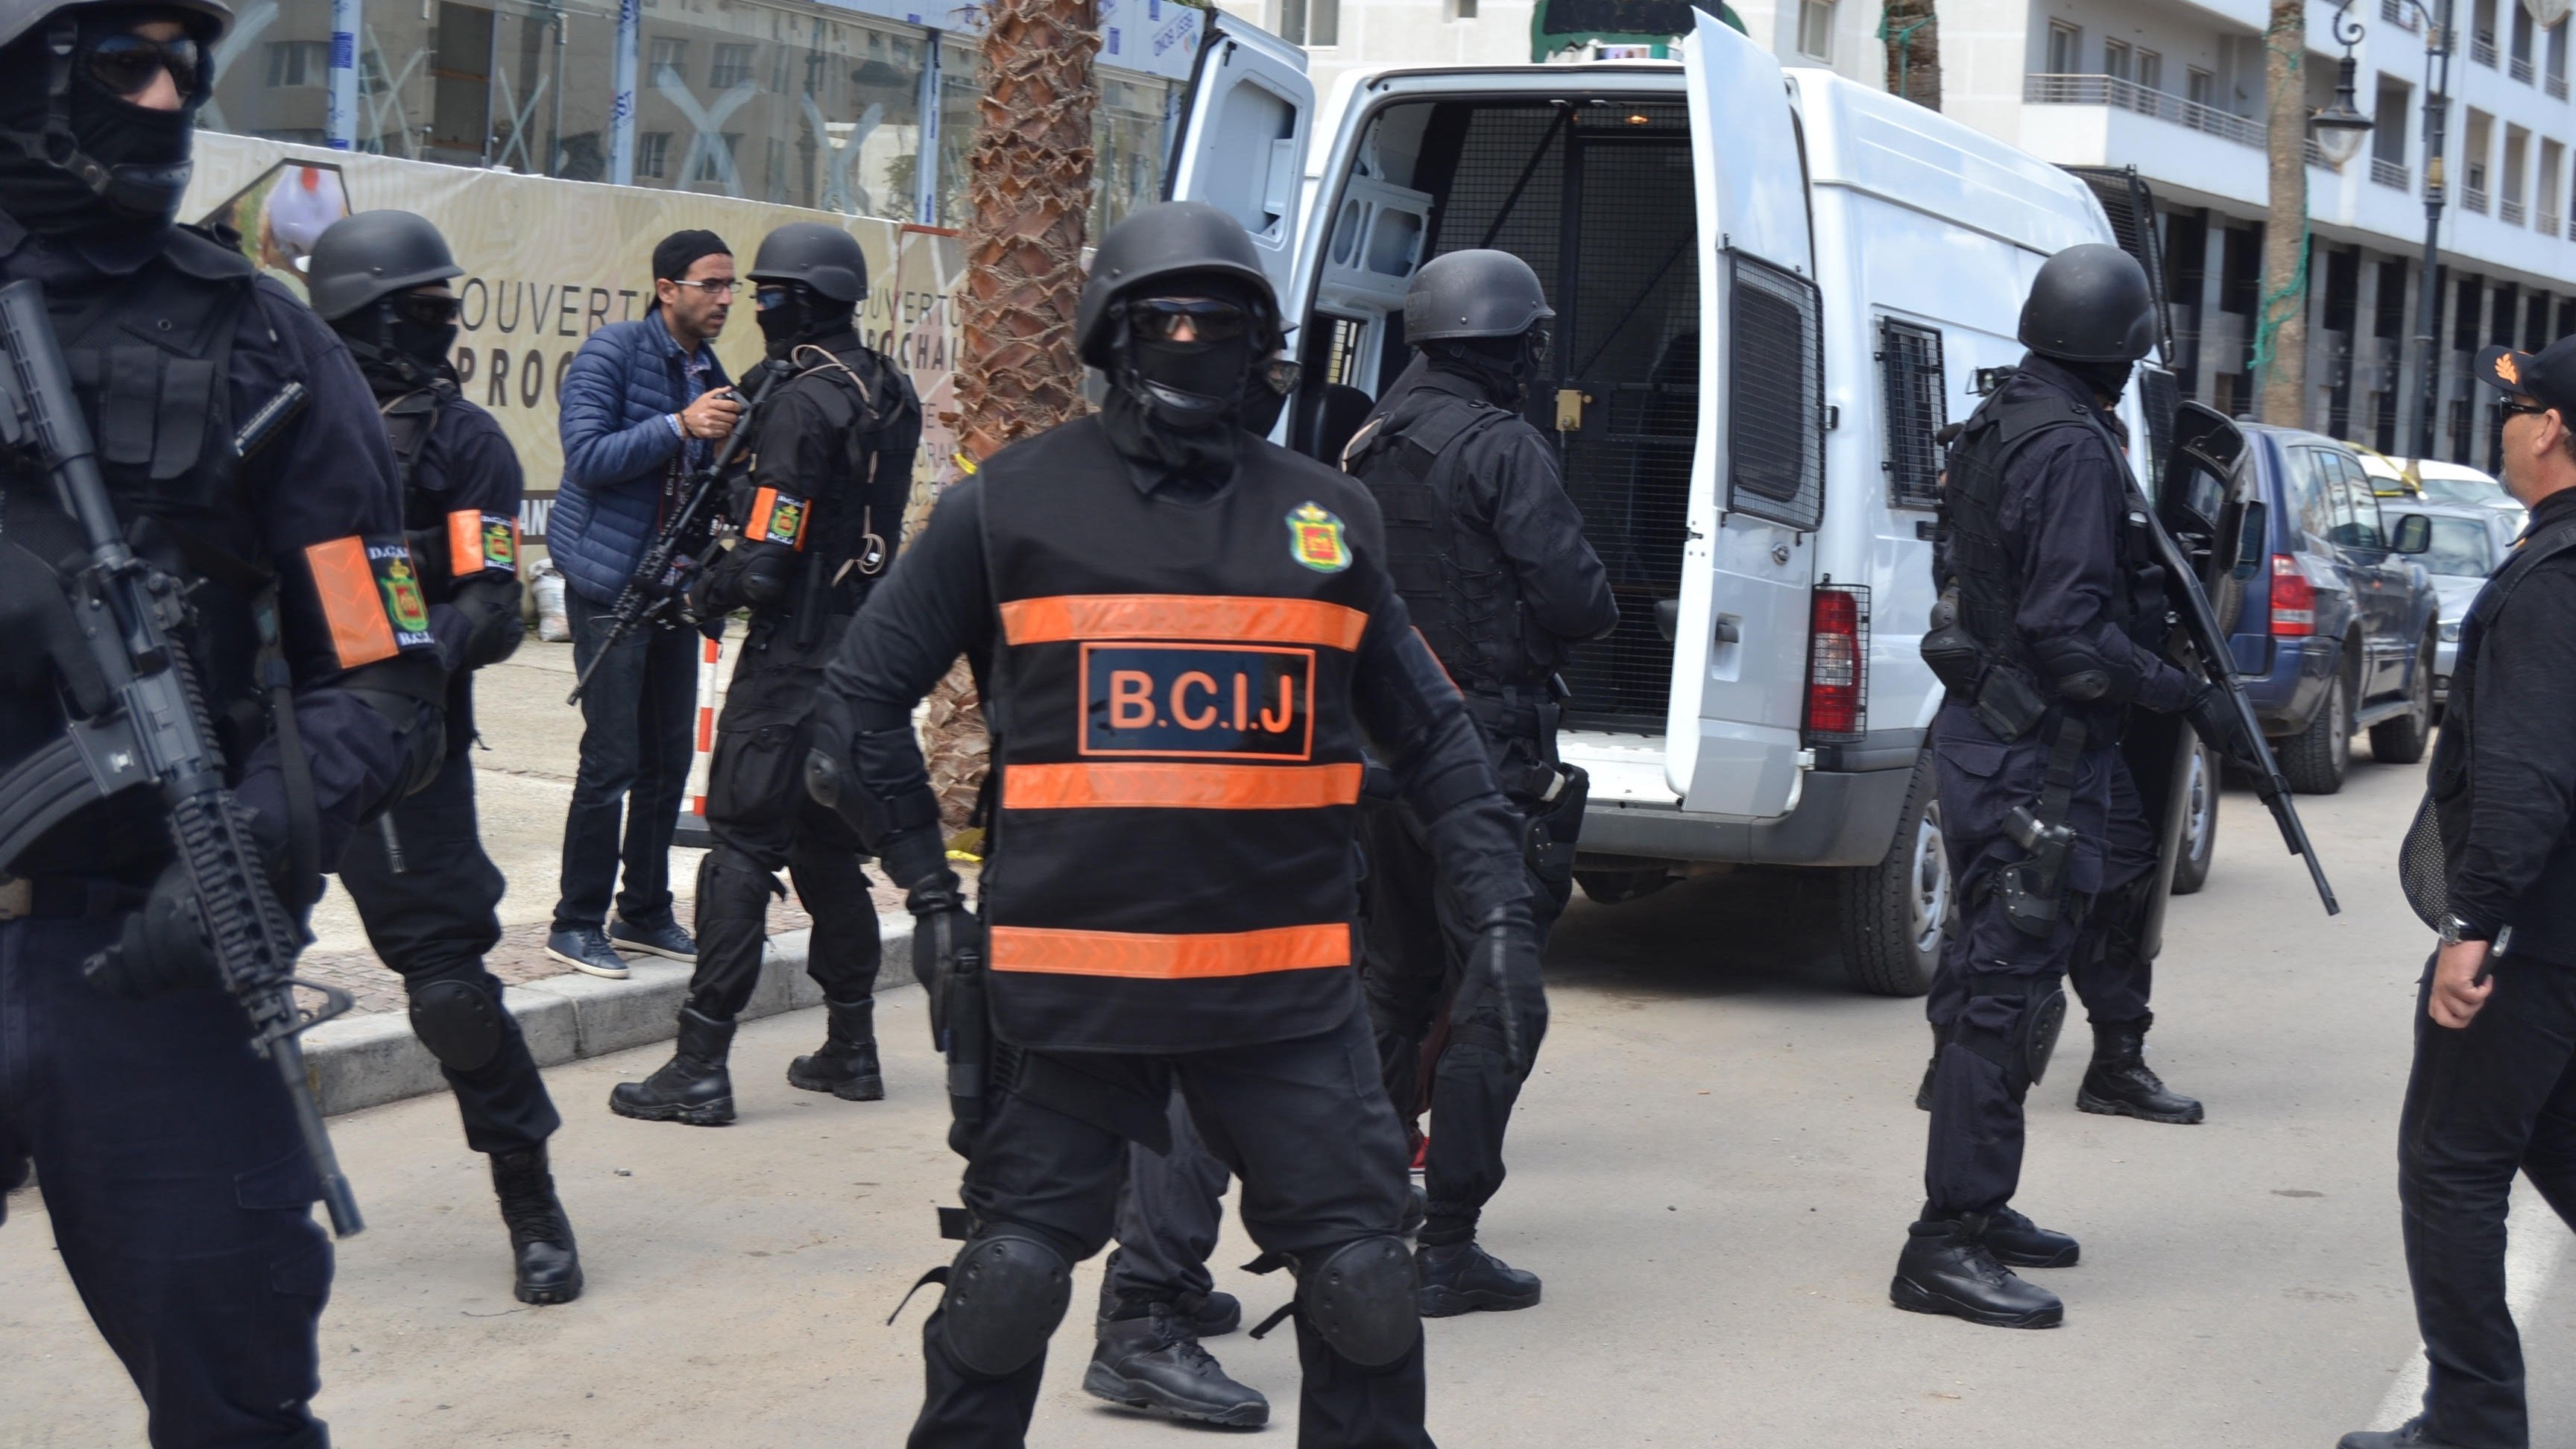 اعتقال 7 أشخاص على خلفية الاختطاف وطلب الفدية وترويج المخدرات بتطوان